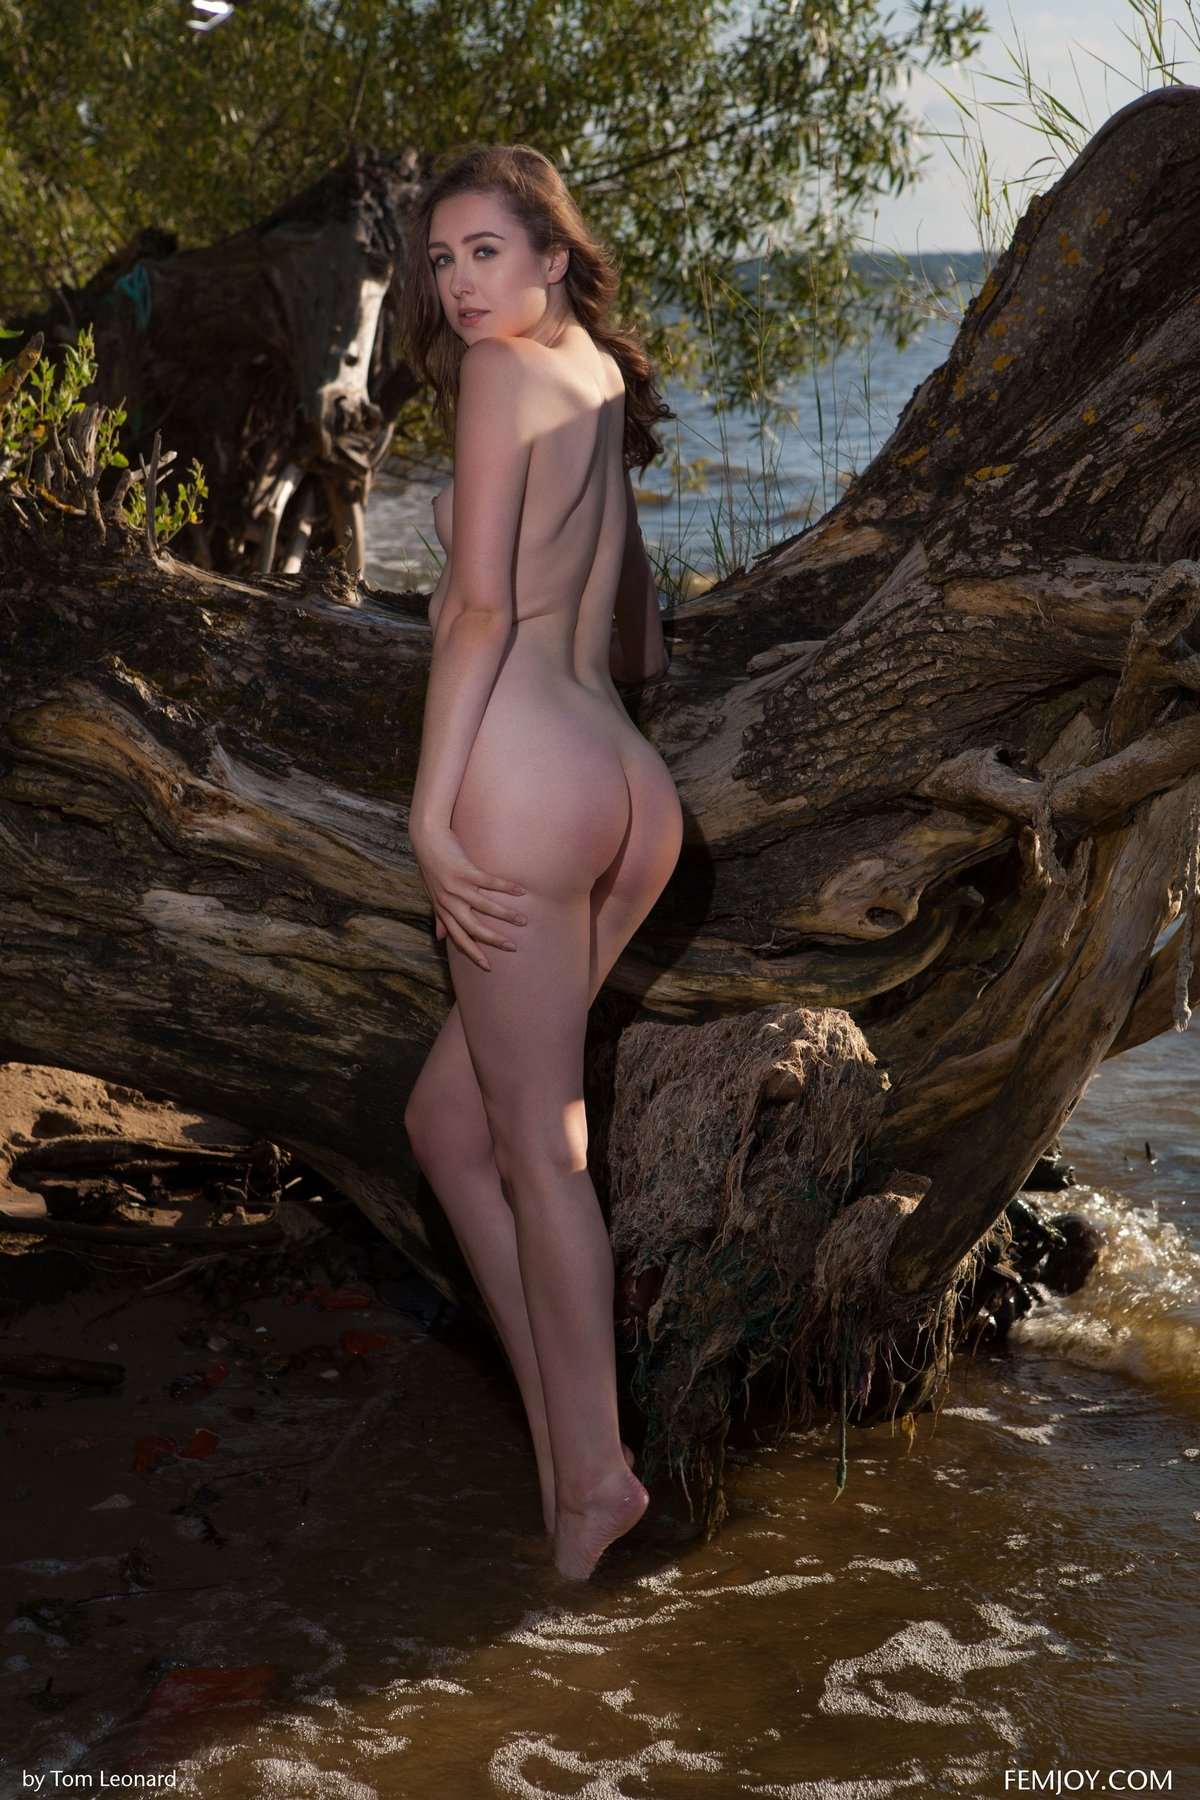 Ухоженная тёмненькая Dara сняла платье на фоне воды секс фото